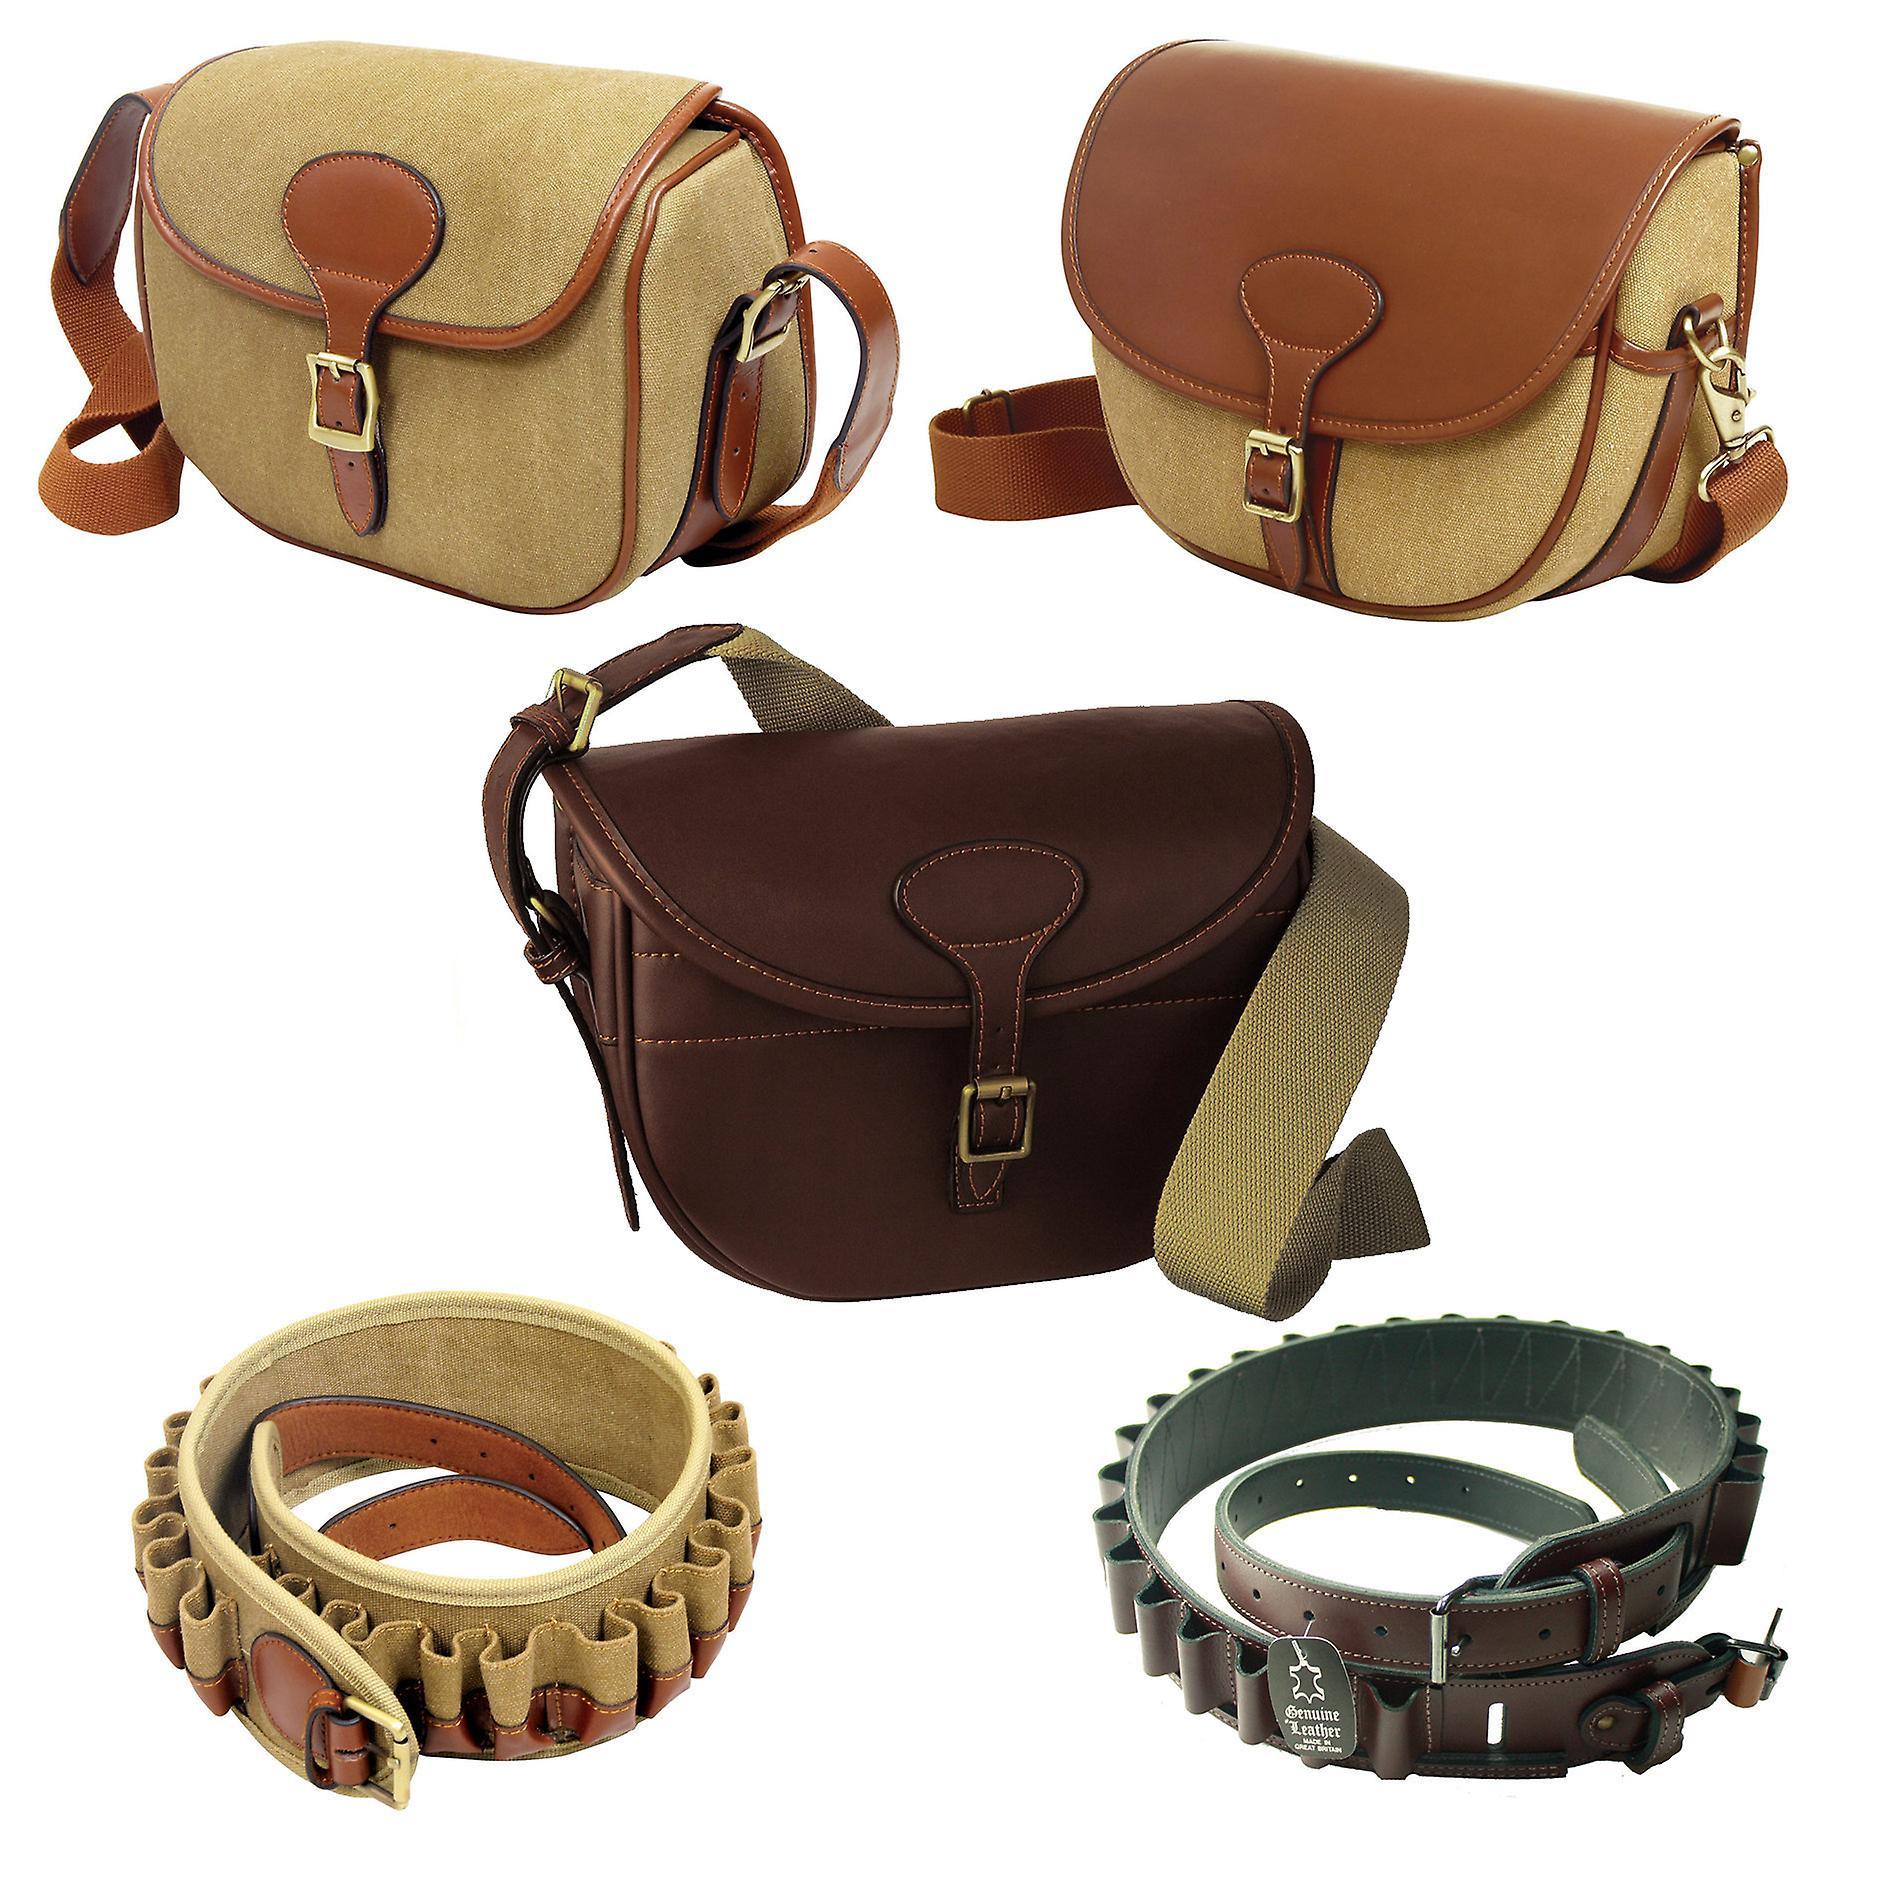 Guardian Heritage Cartridge bag and belt kit - various gauges and materials